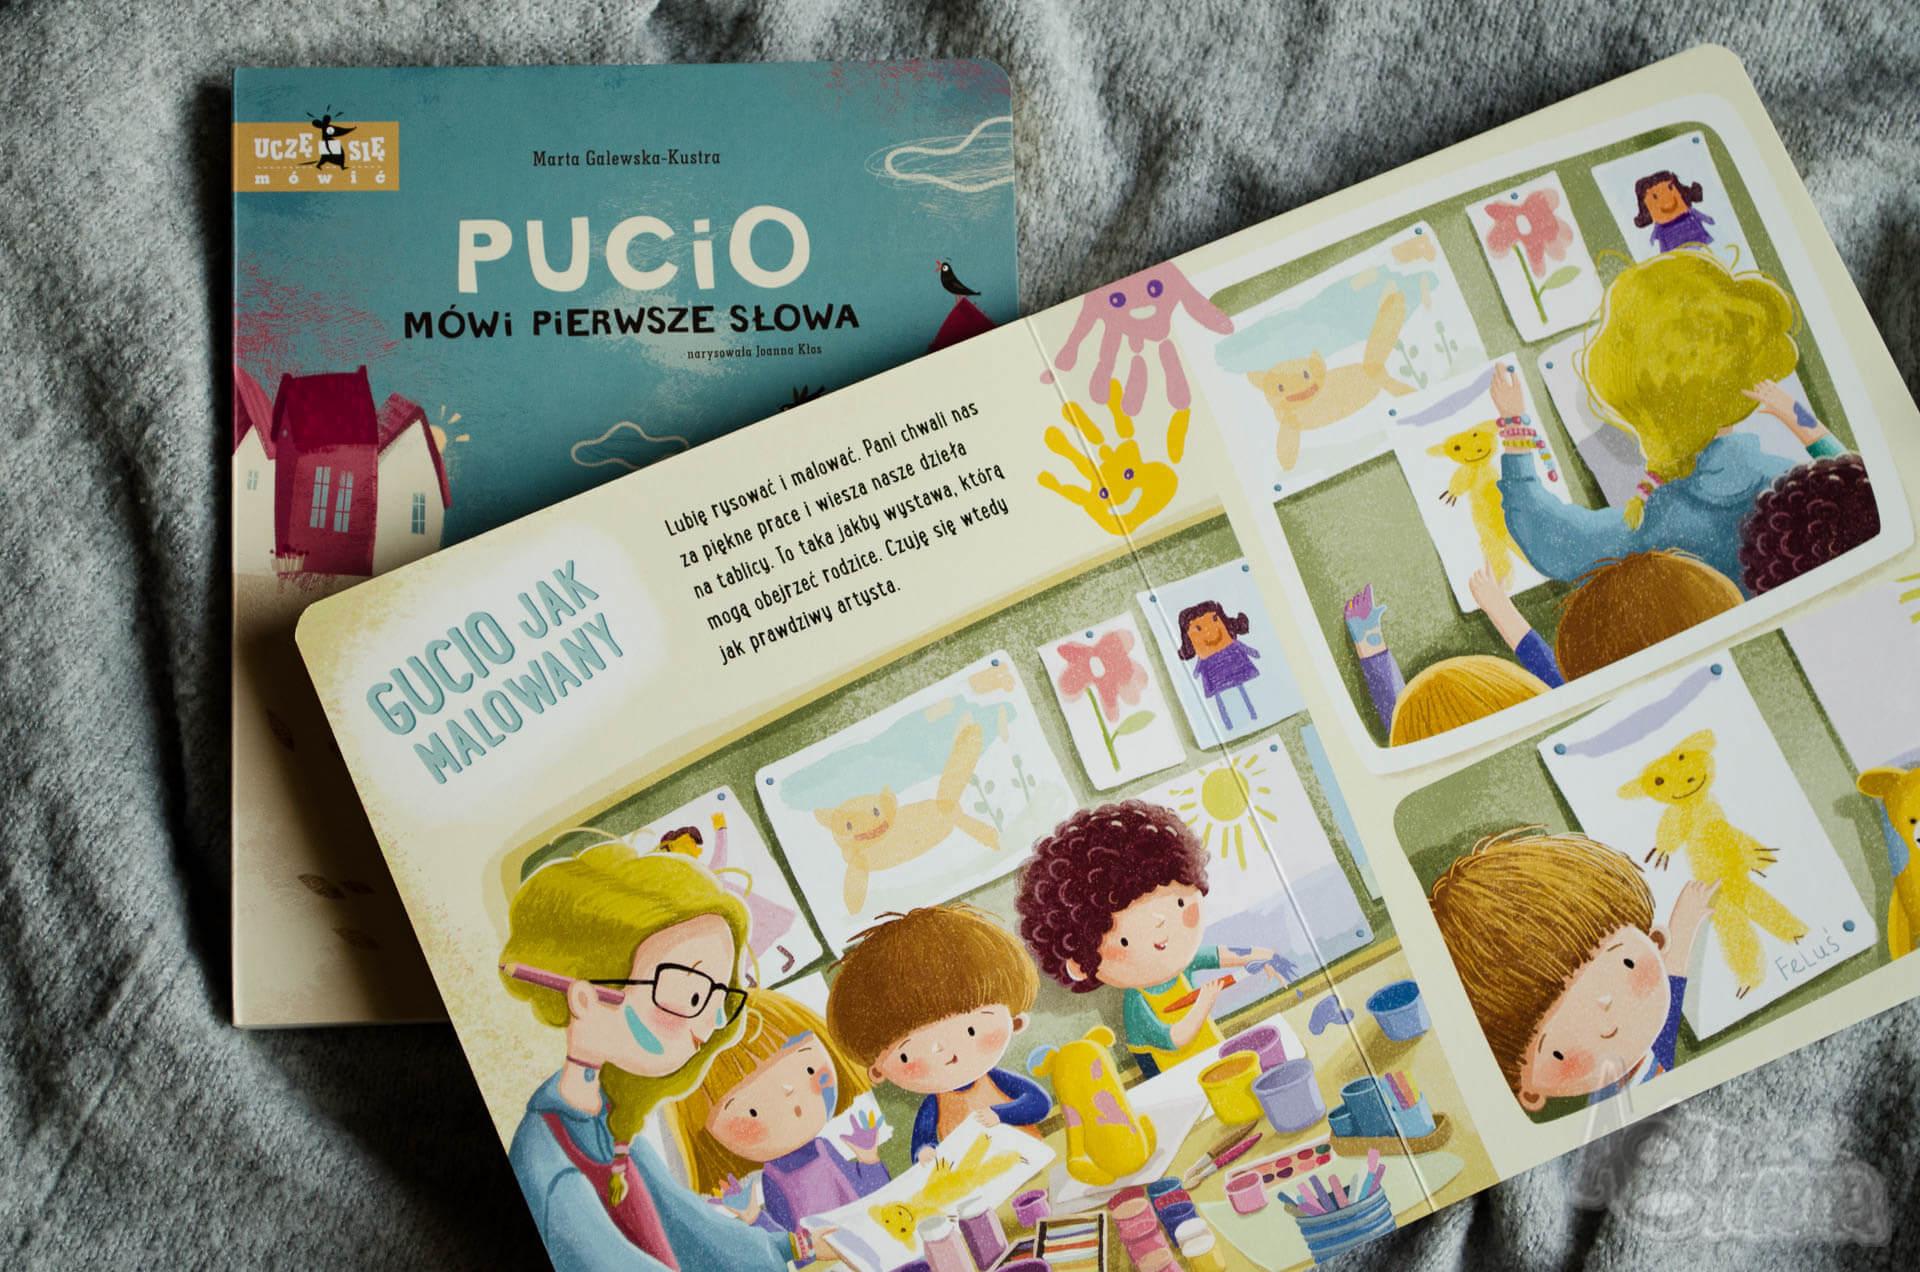 dziecko idzie do przedszkola Pucio mówi pierwsze słowa